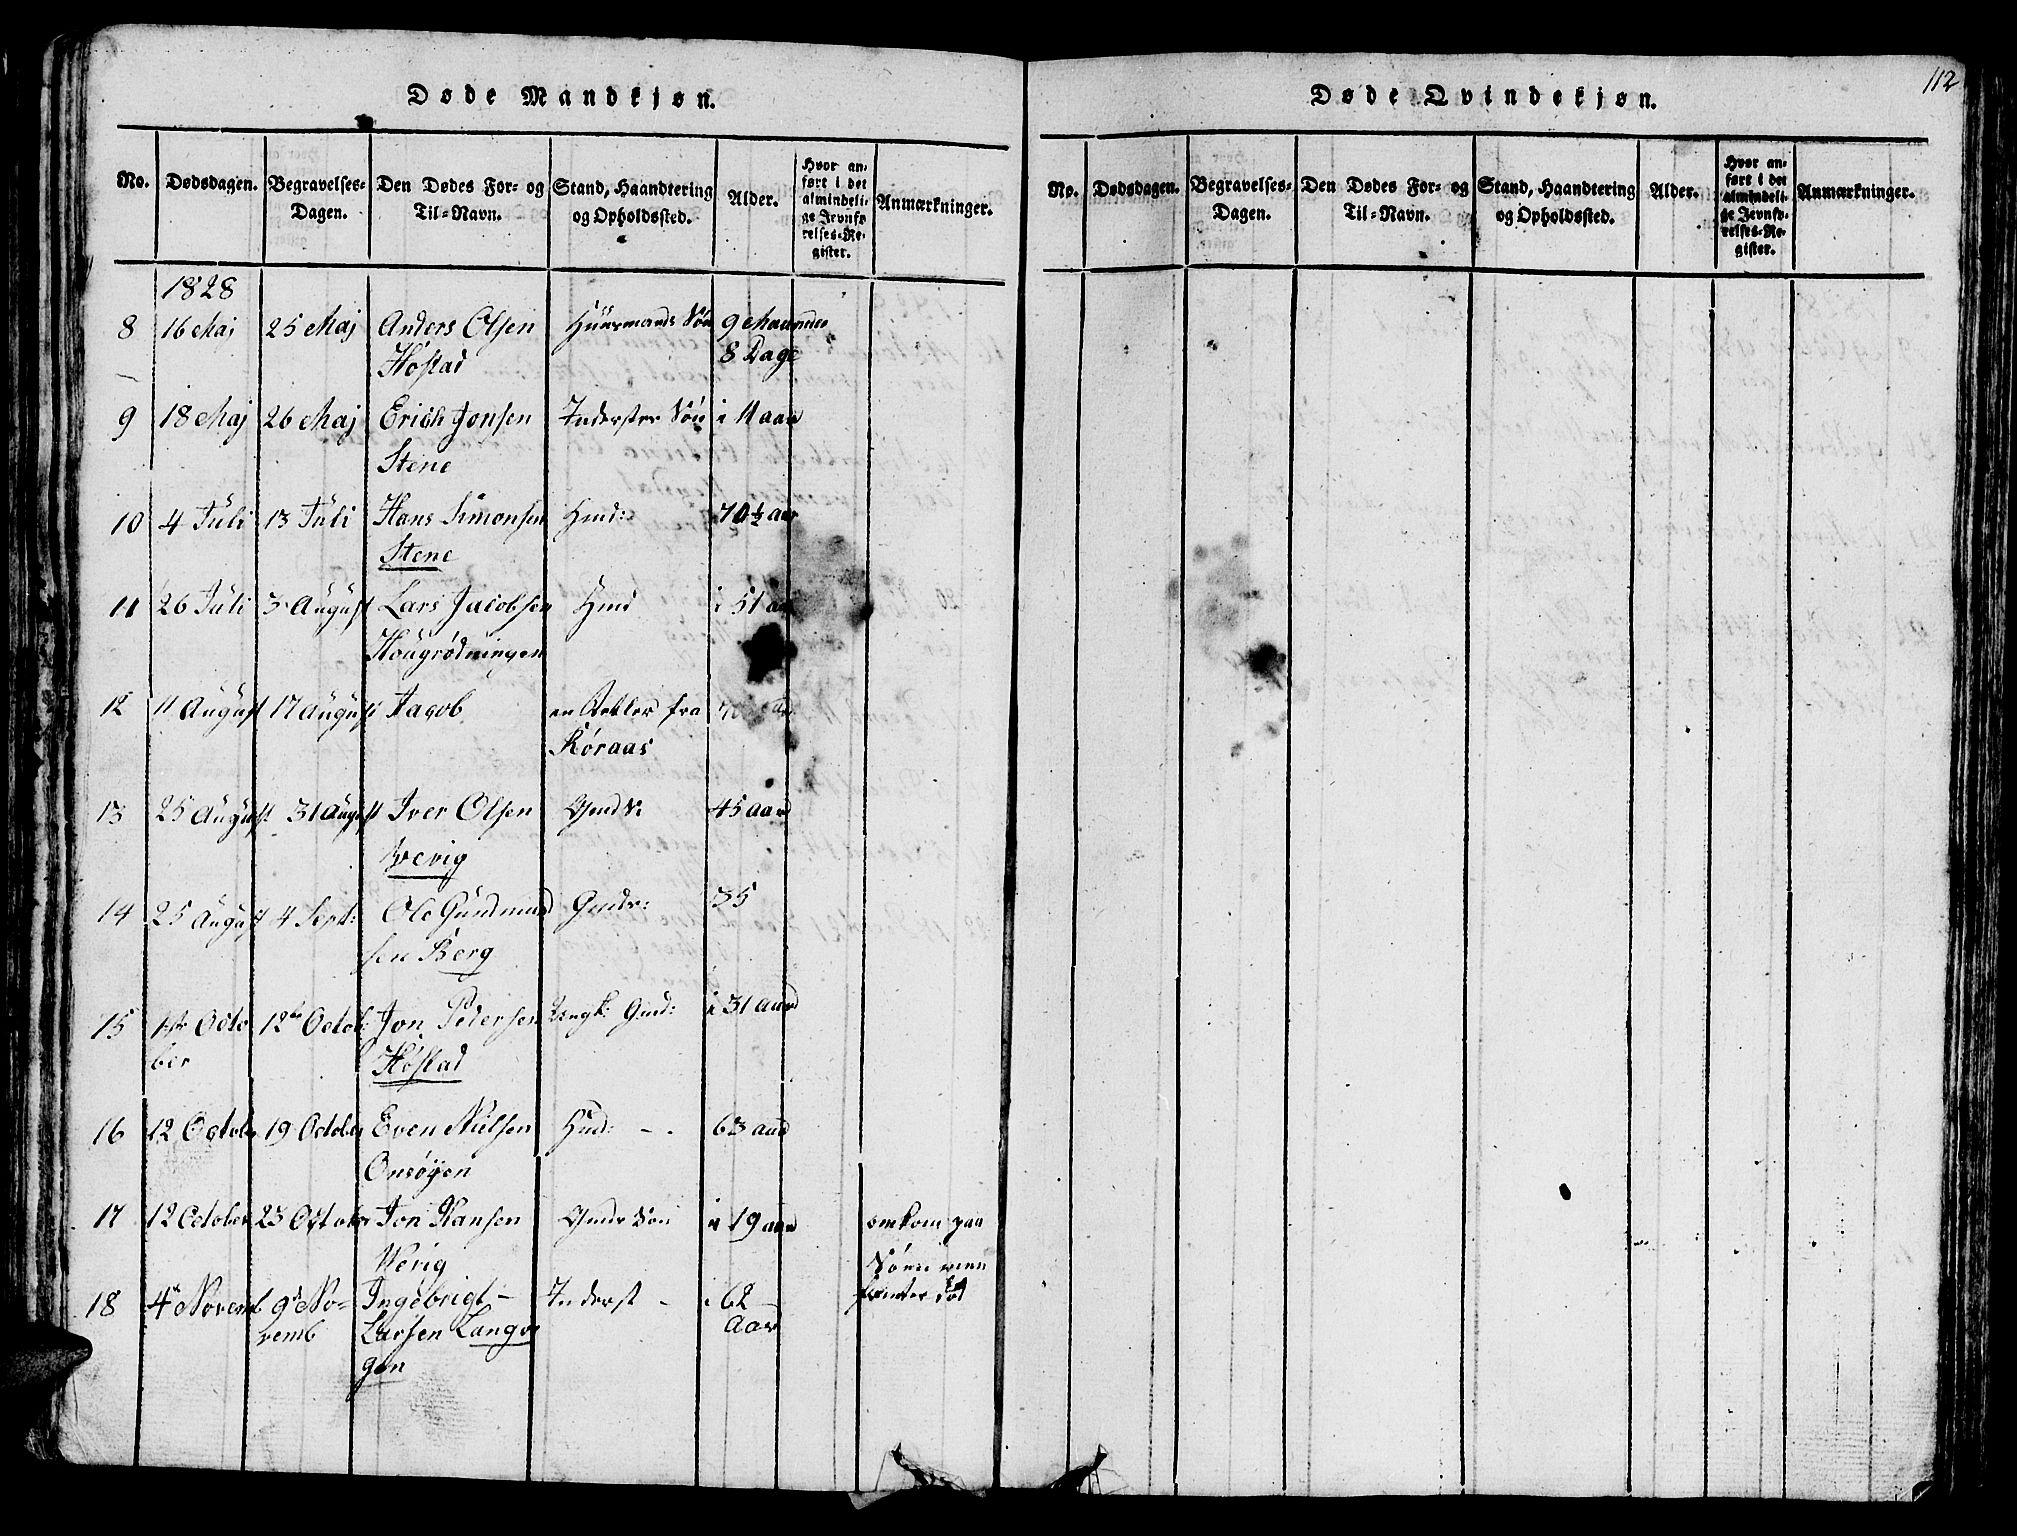 SAT, Ministerialprotokoller, klokkerbøker og fødselsregistre - Sør-Trøndelag, 612/L0385: Klokkerbok nr. 612C01, 1816-1845, s. 112